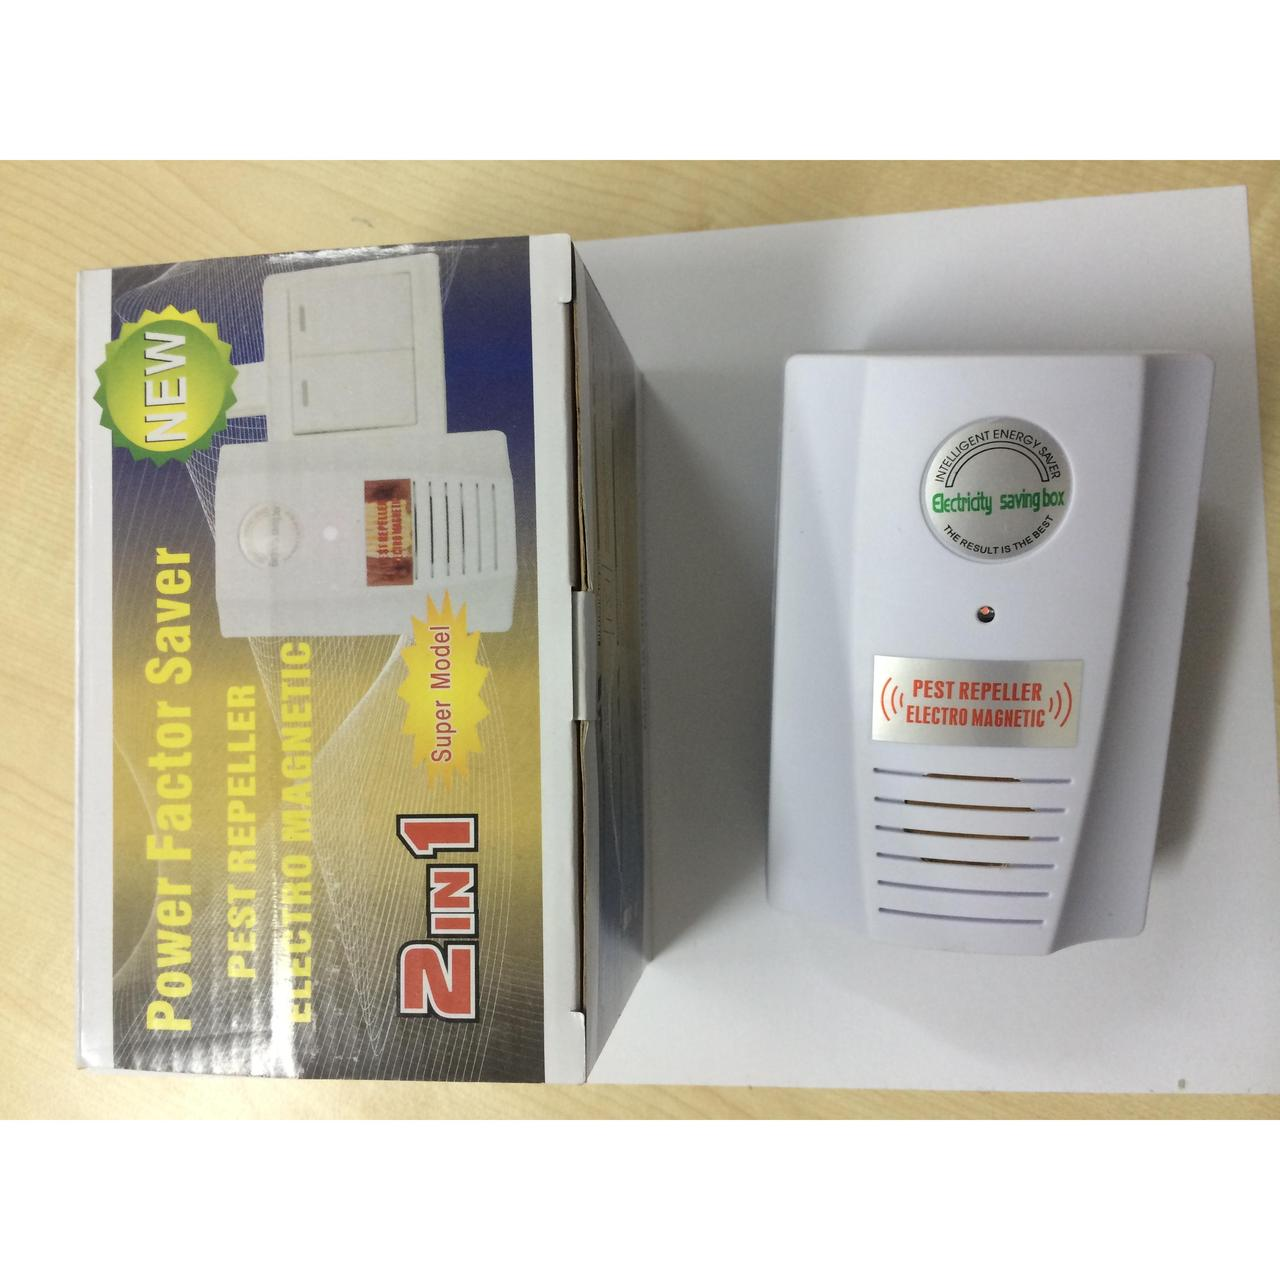 Экономайзер и отпугиватель 2 в 1 Power saver and pest repeller 2 in 1